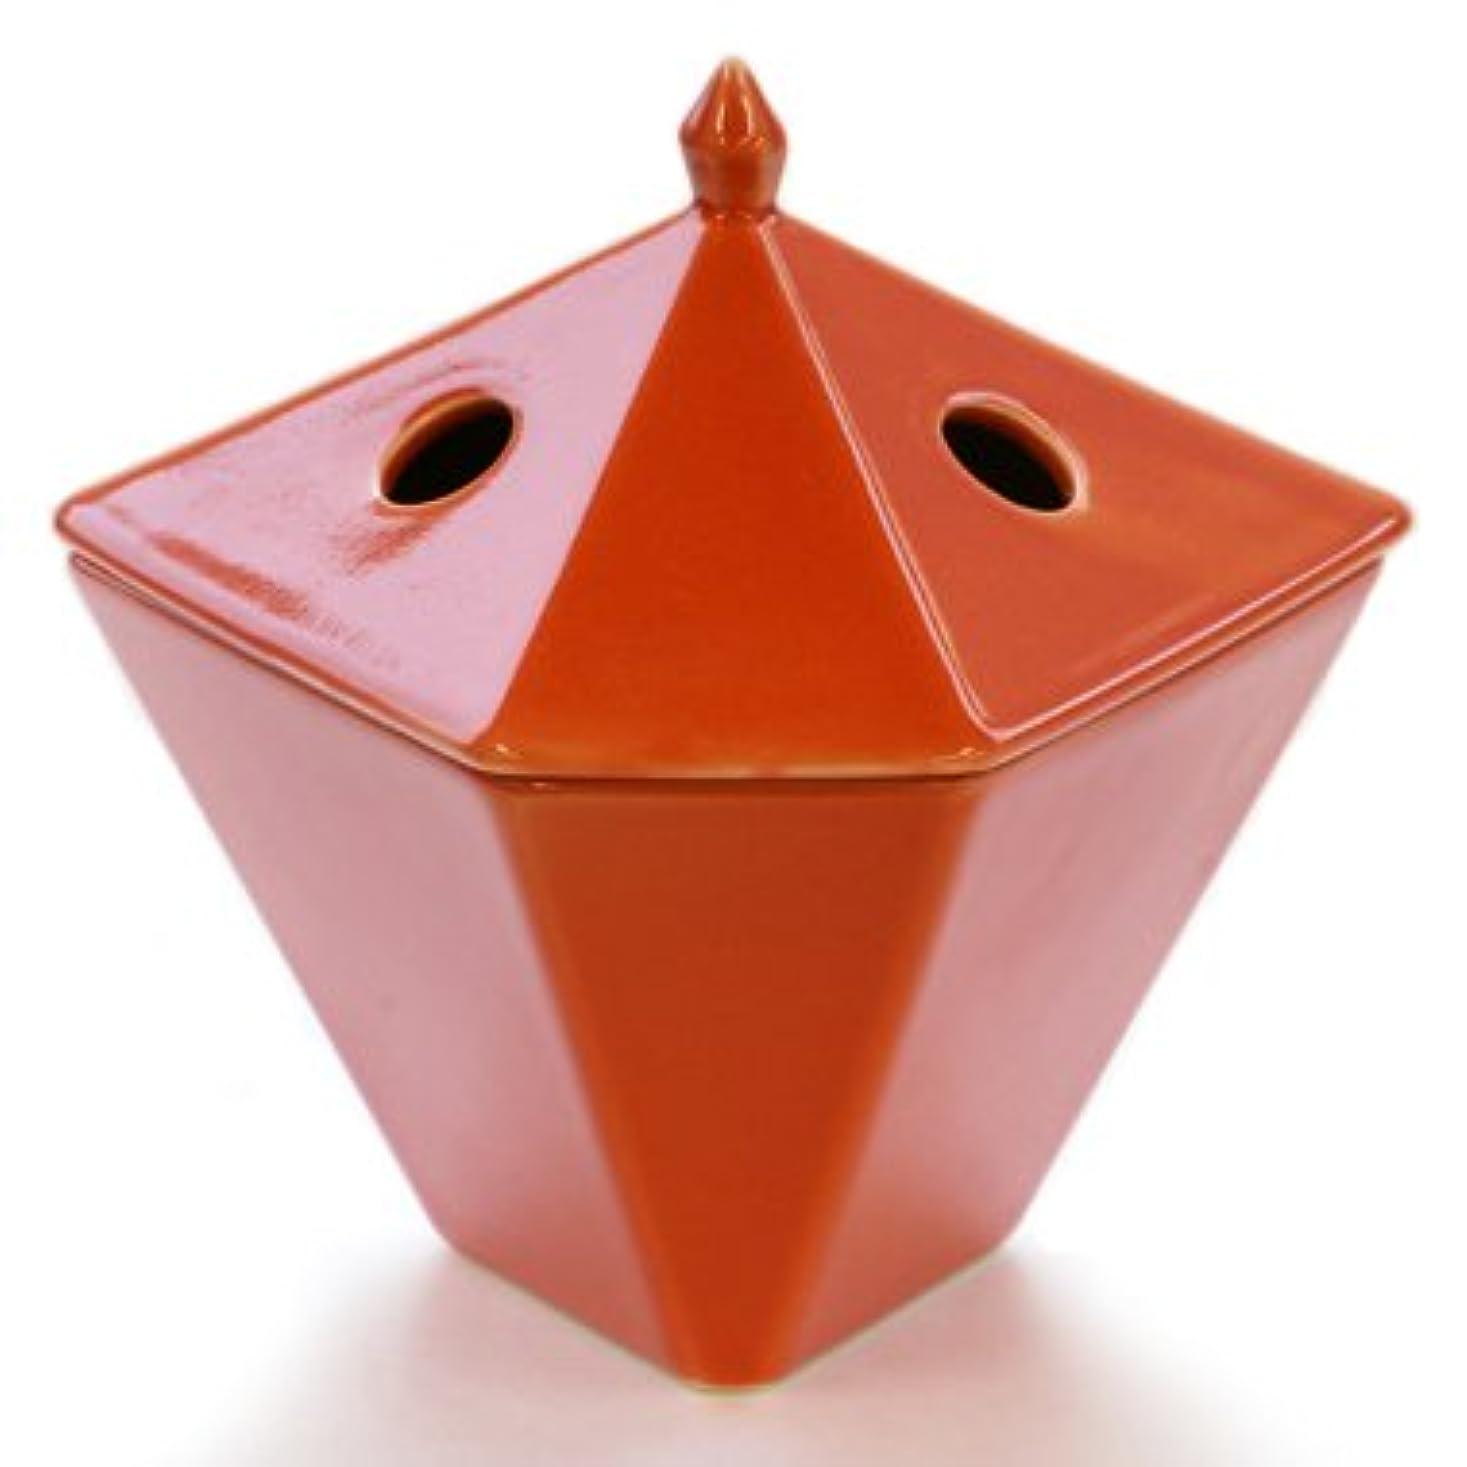 クック養う雪縁香炉 橙